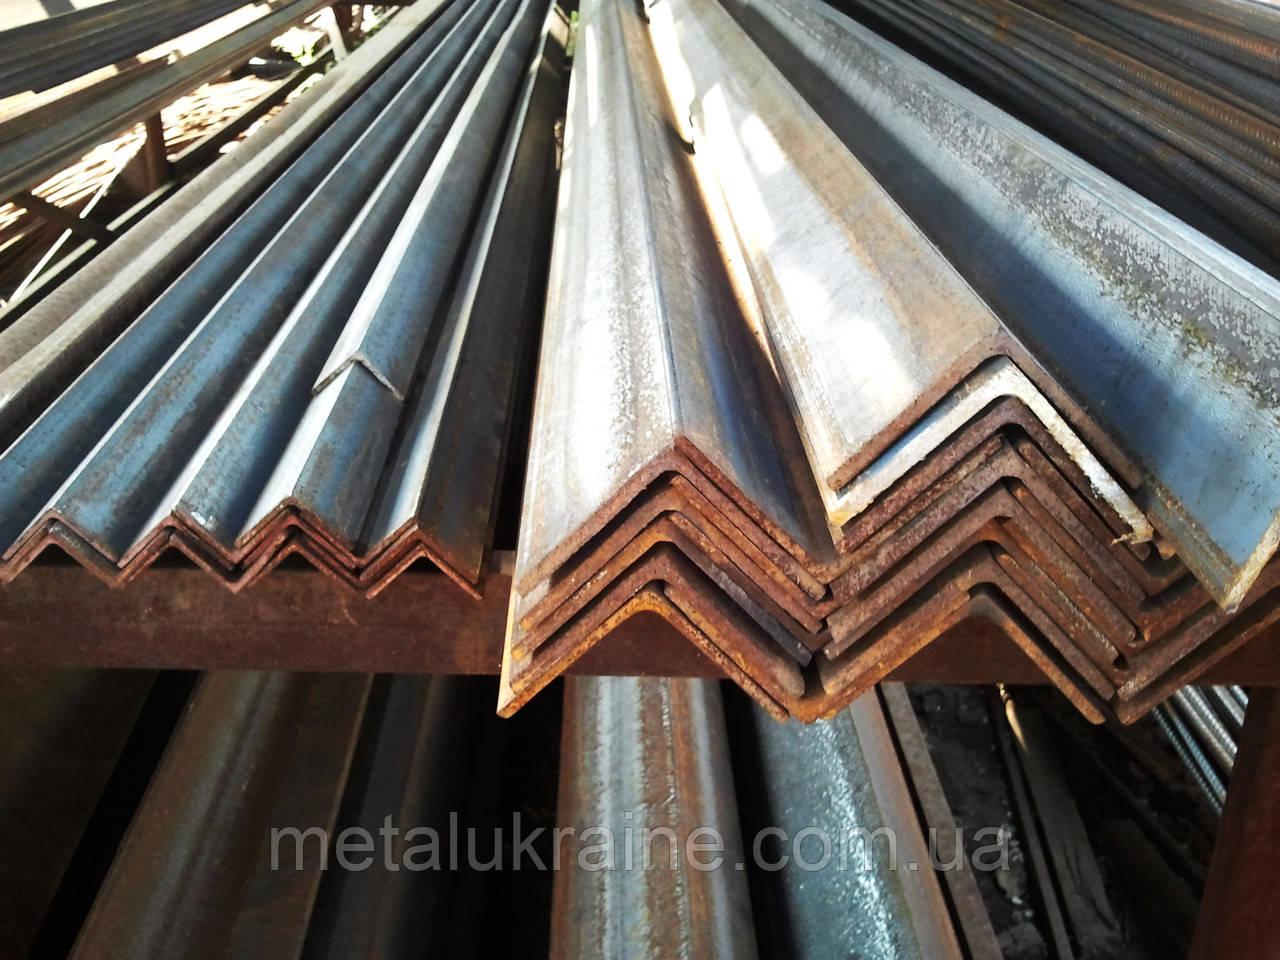 Уголок  стальной гнутый 25х25х2мм